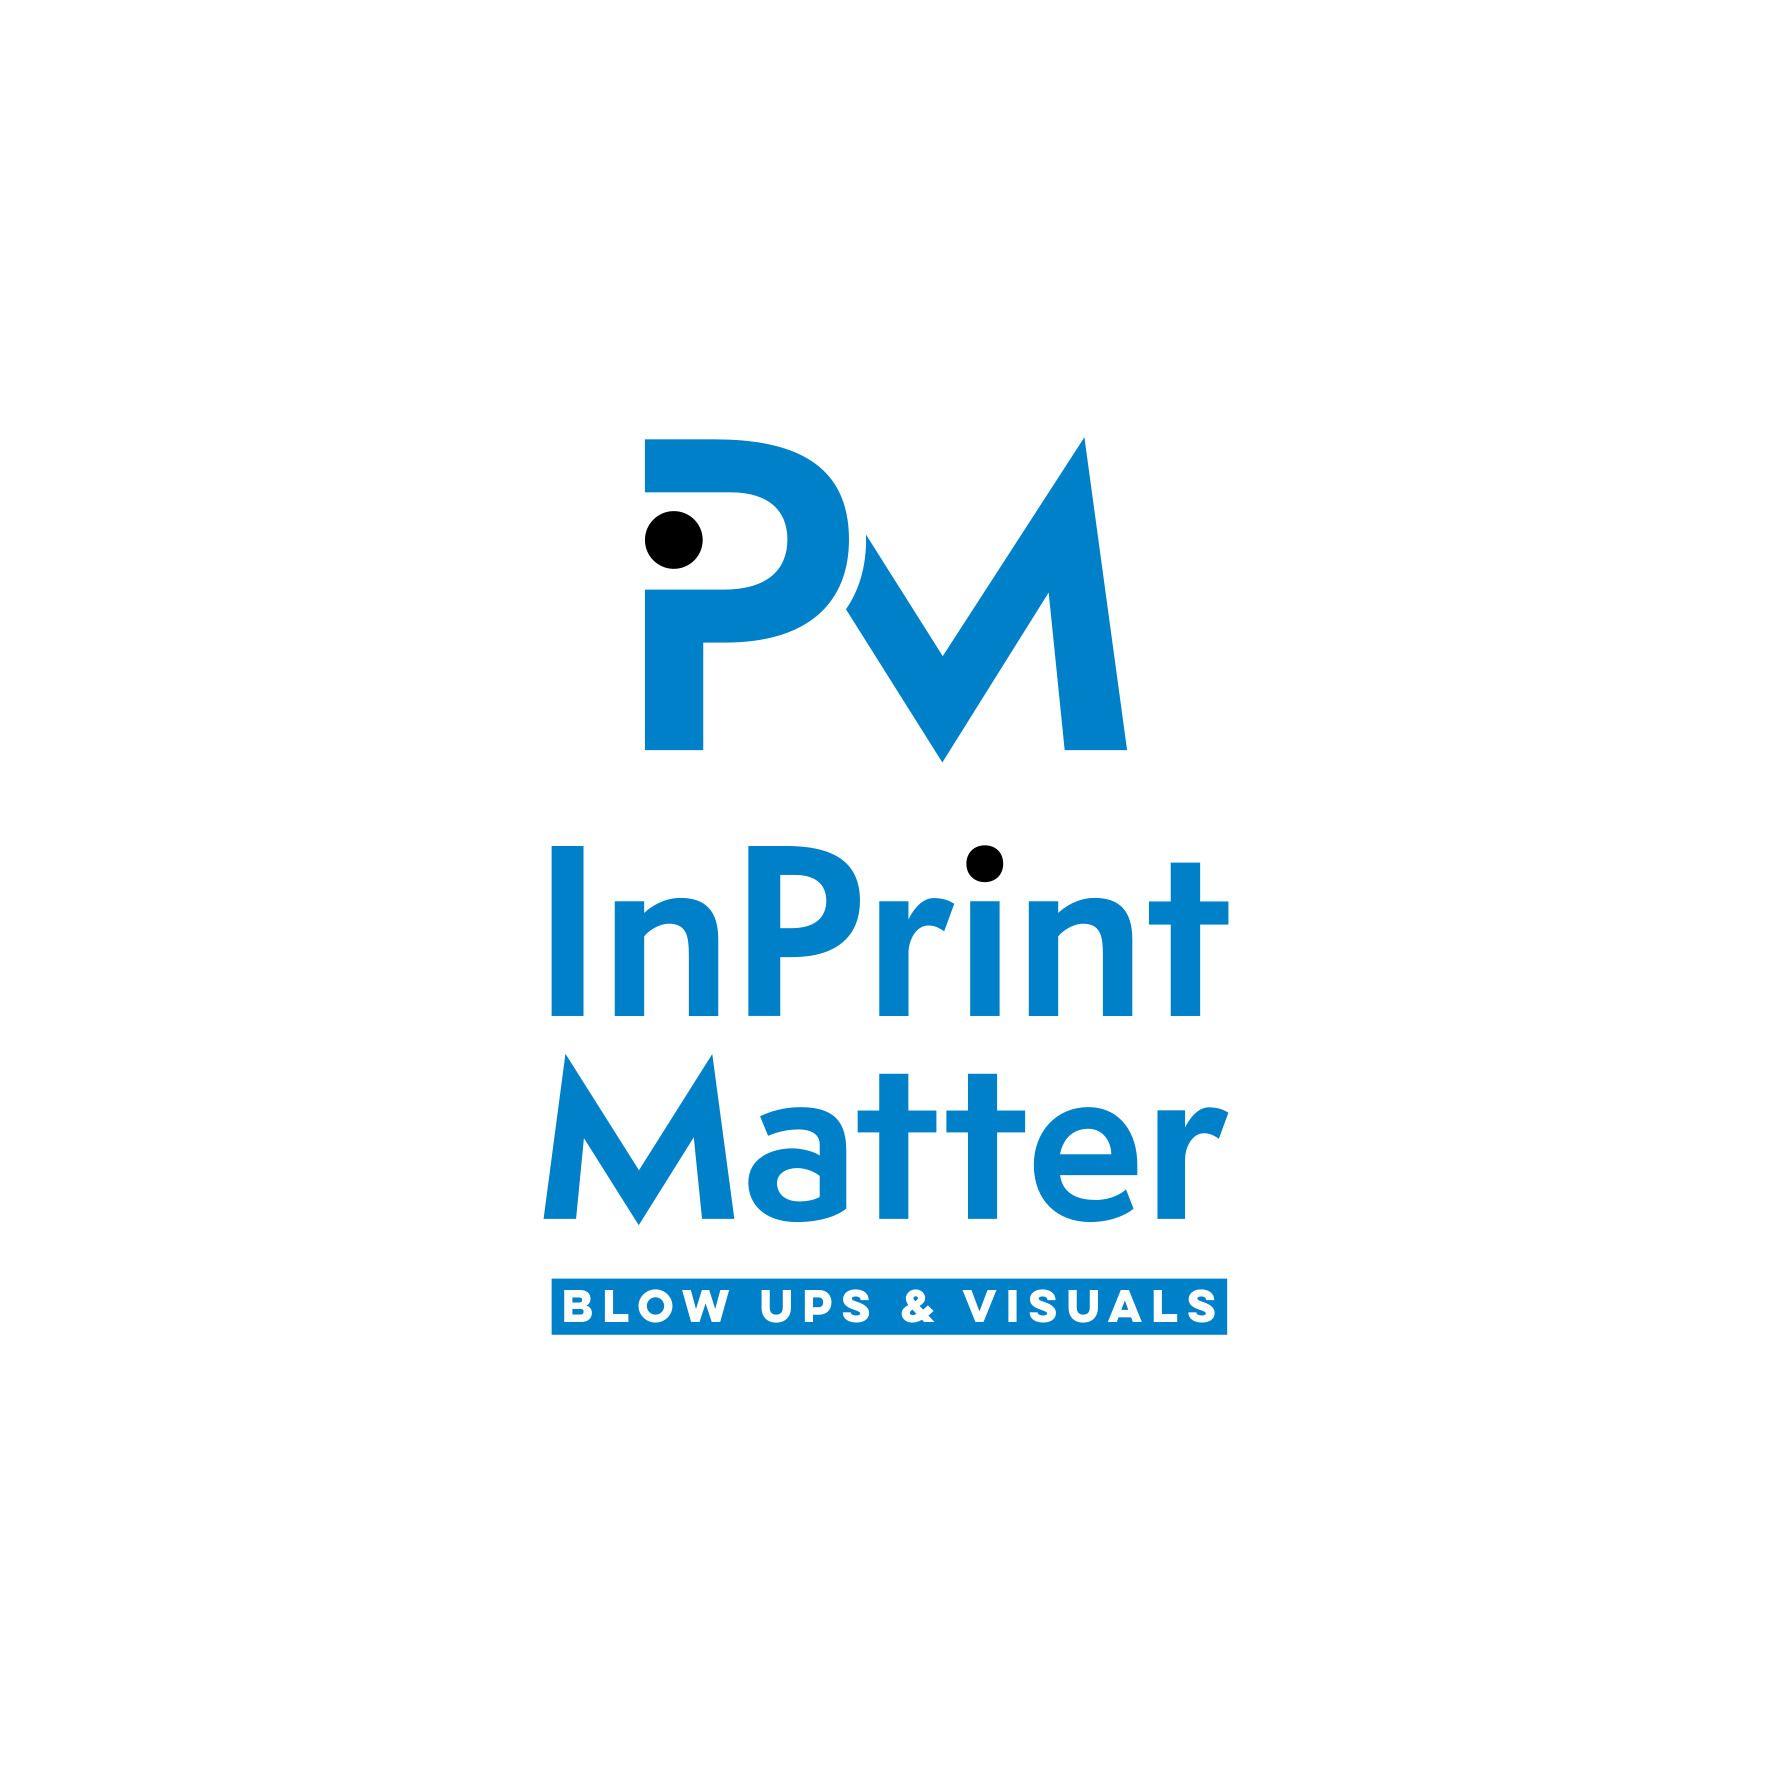 InPrintMatter BV - inPrintMatter is het ideale partner & productiebedrijf voor XL prints en productie van  2D + 3D Blow Ups & Inflatables